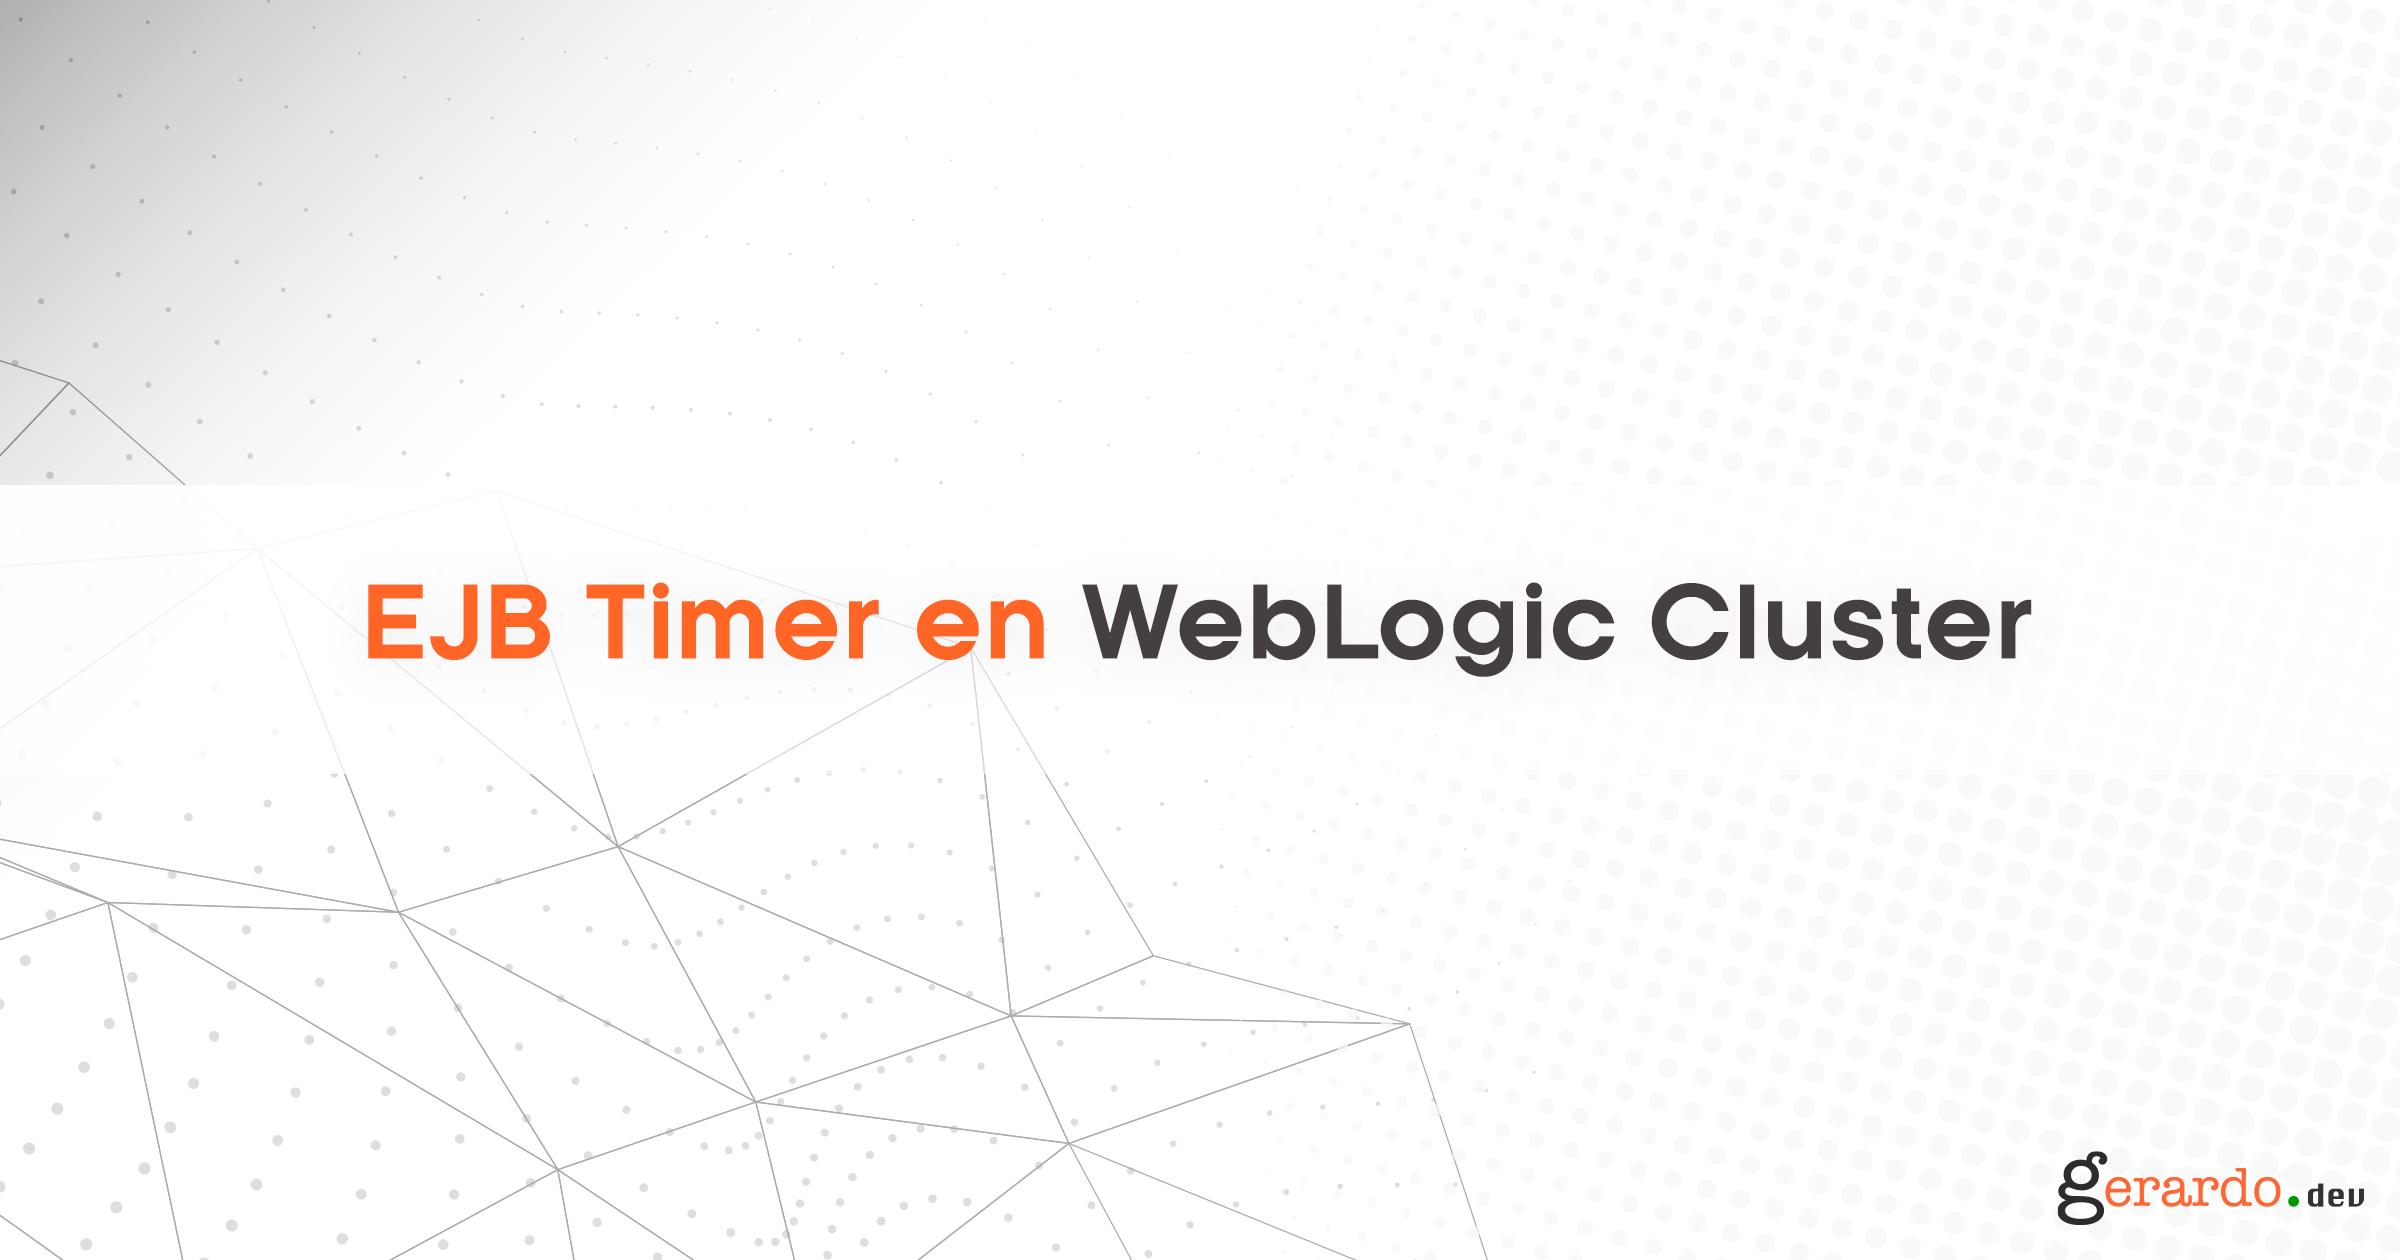 EJB Timer en WebLogic Cluster